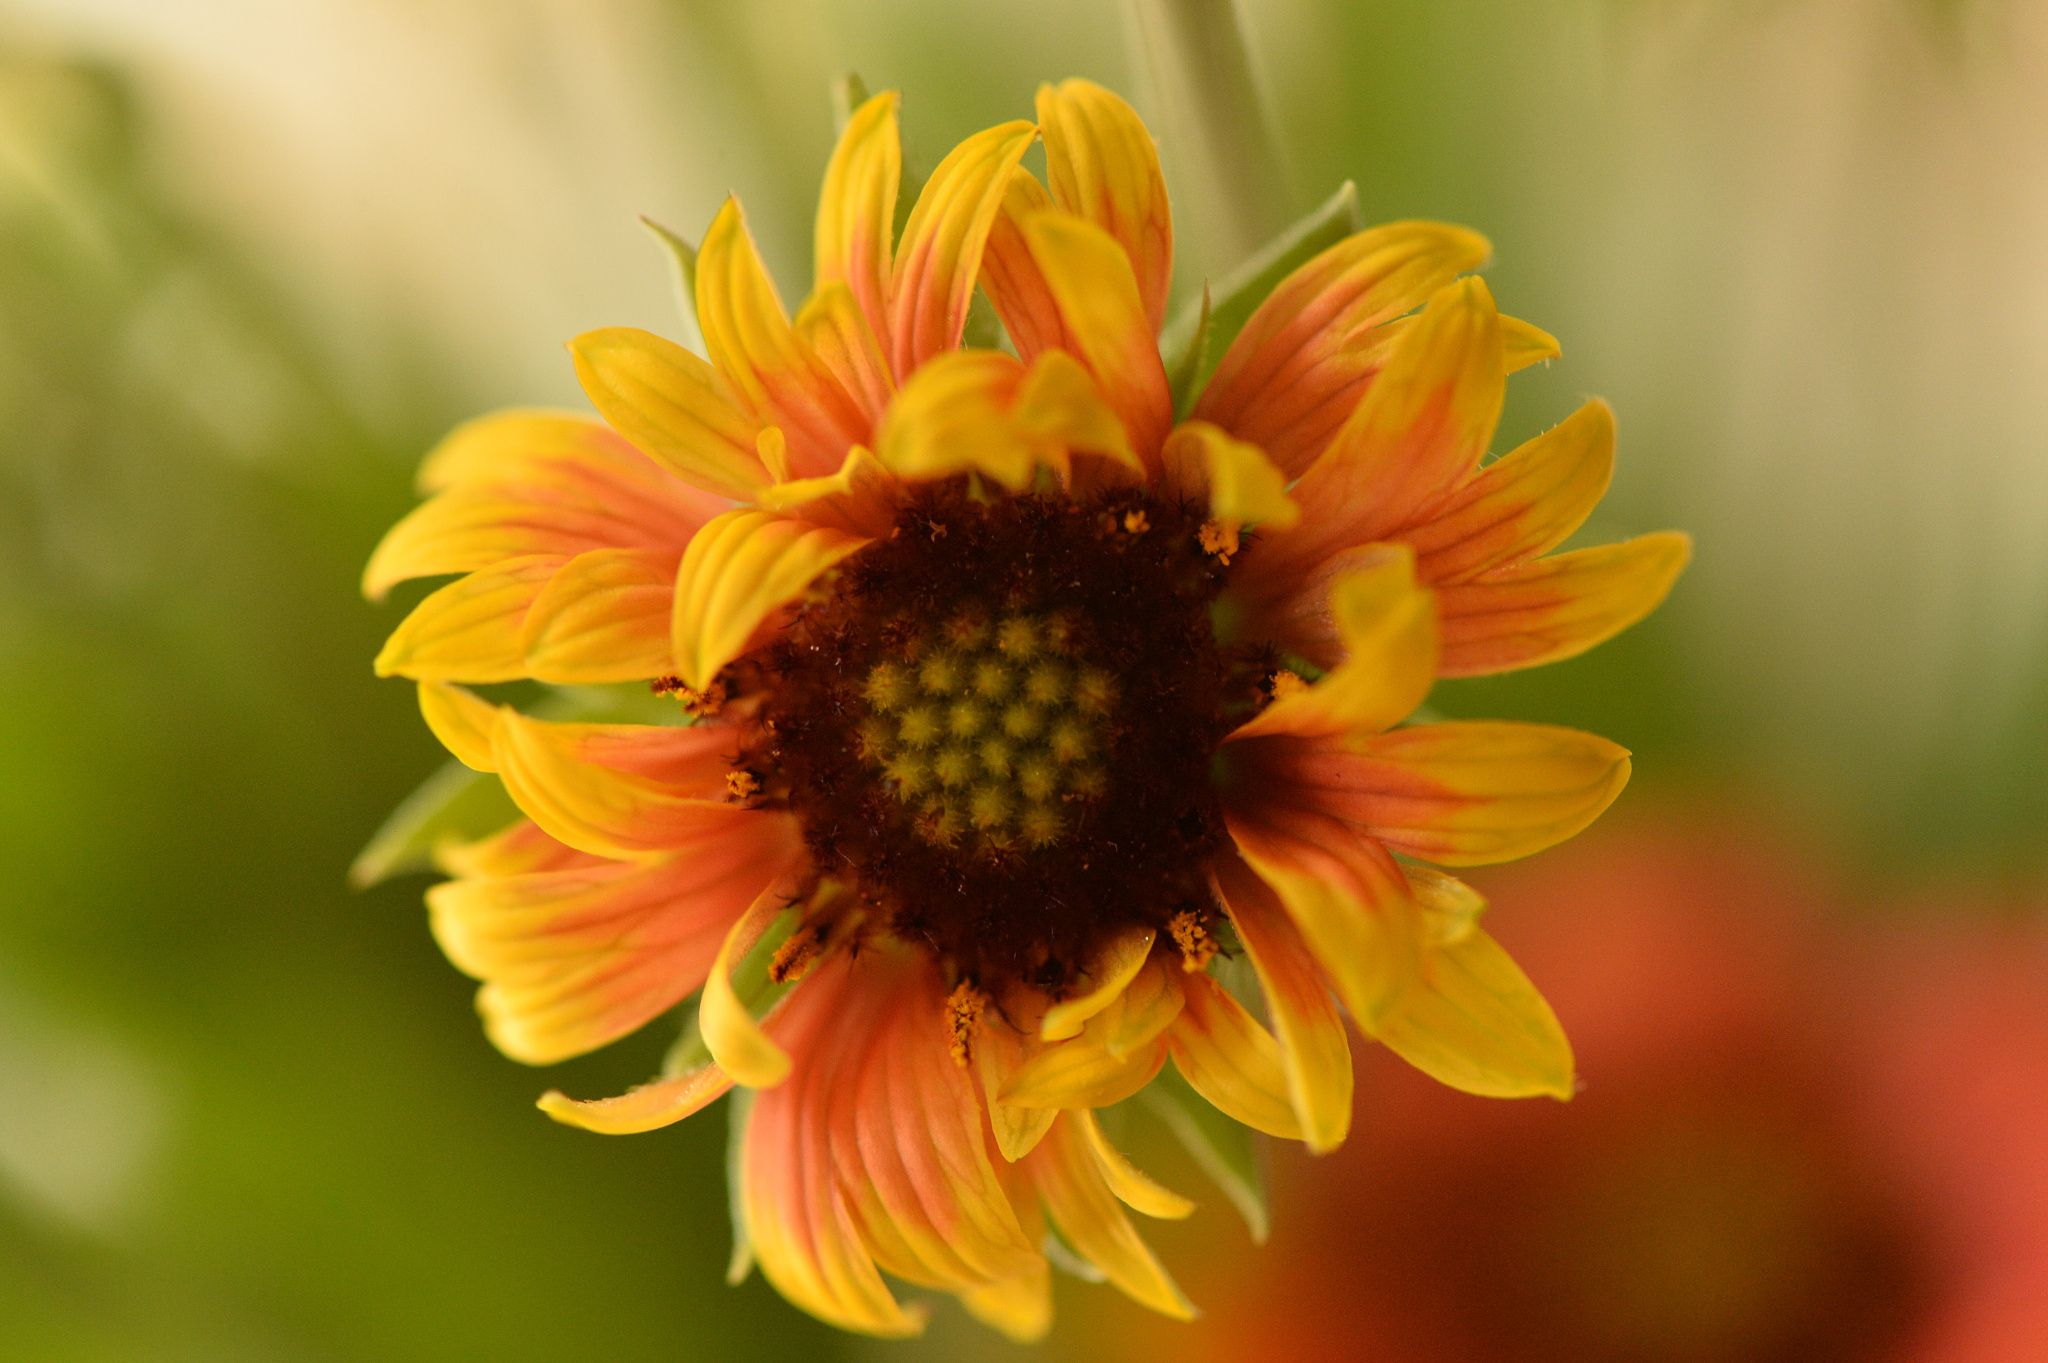 Stylish flower by yayoi vejo flores em você pinterest stylish